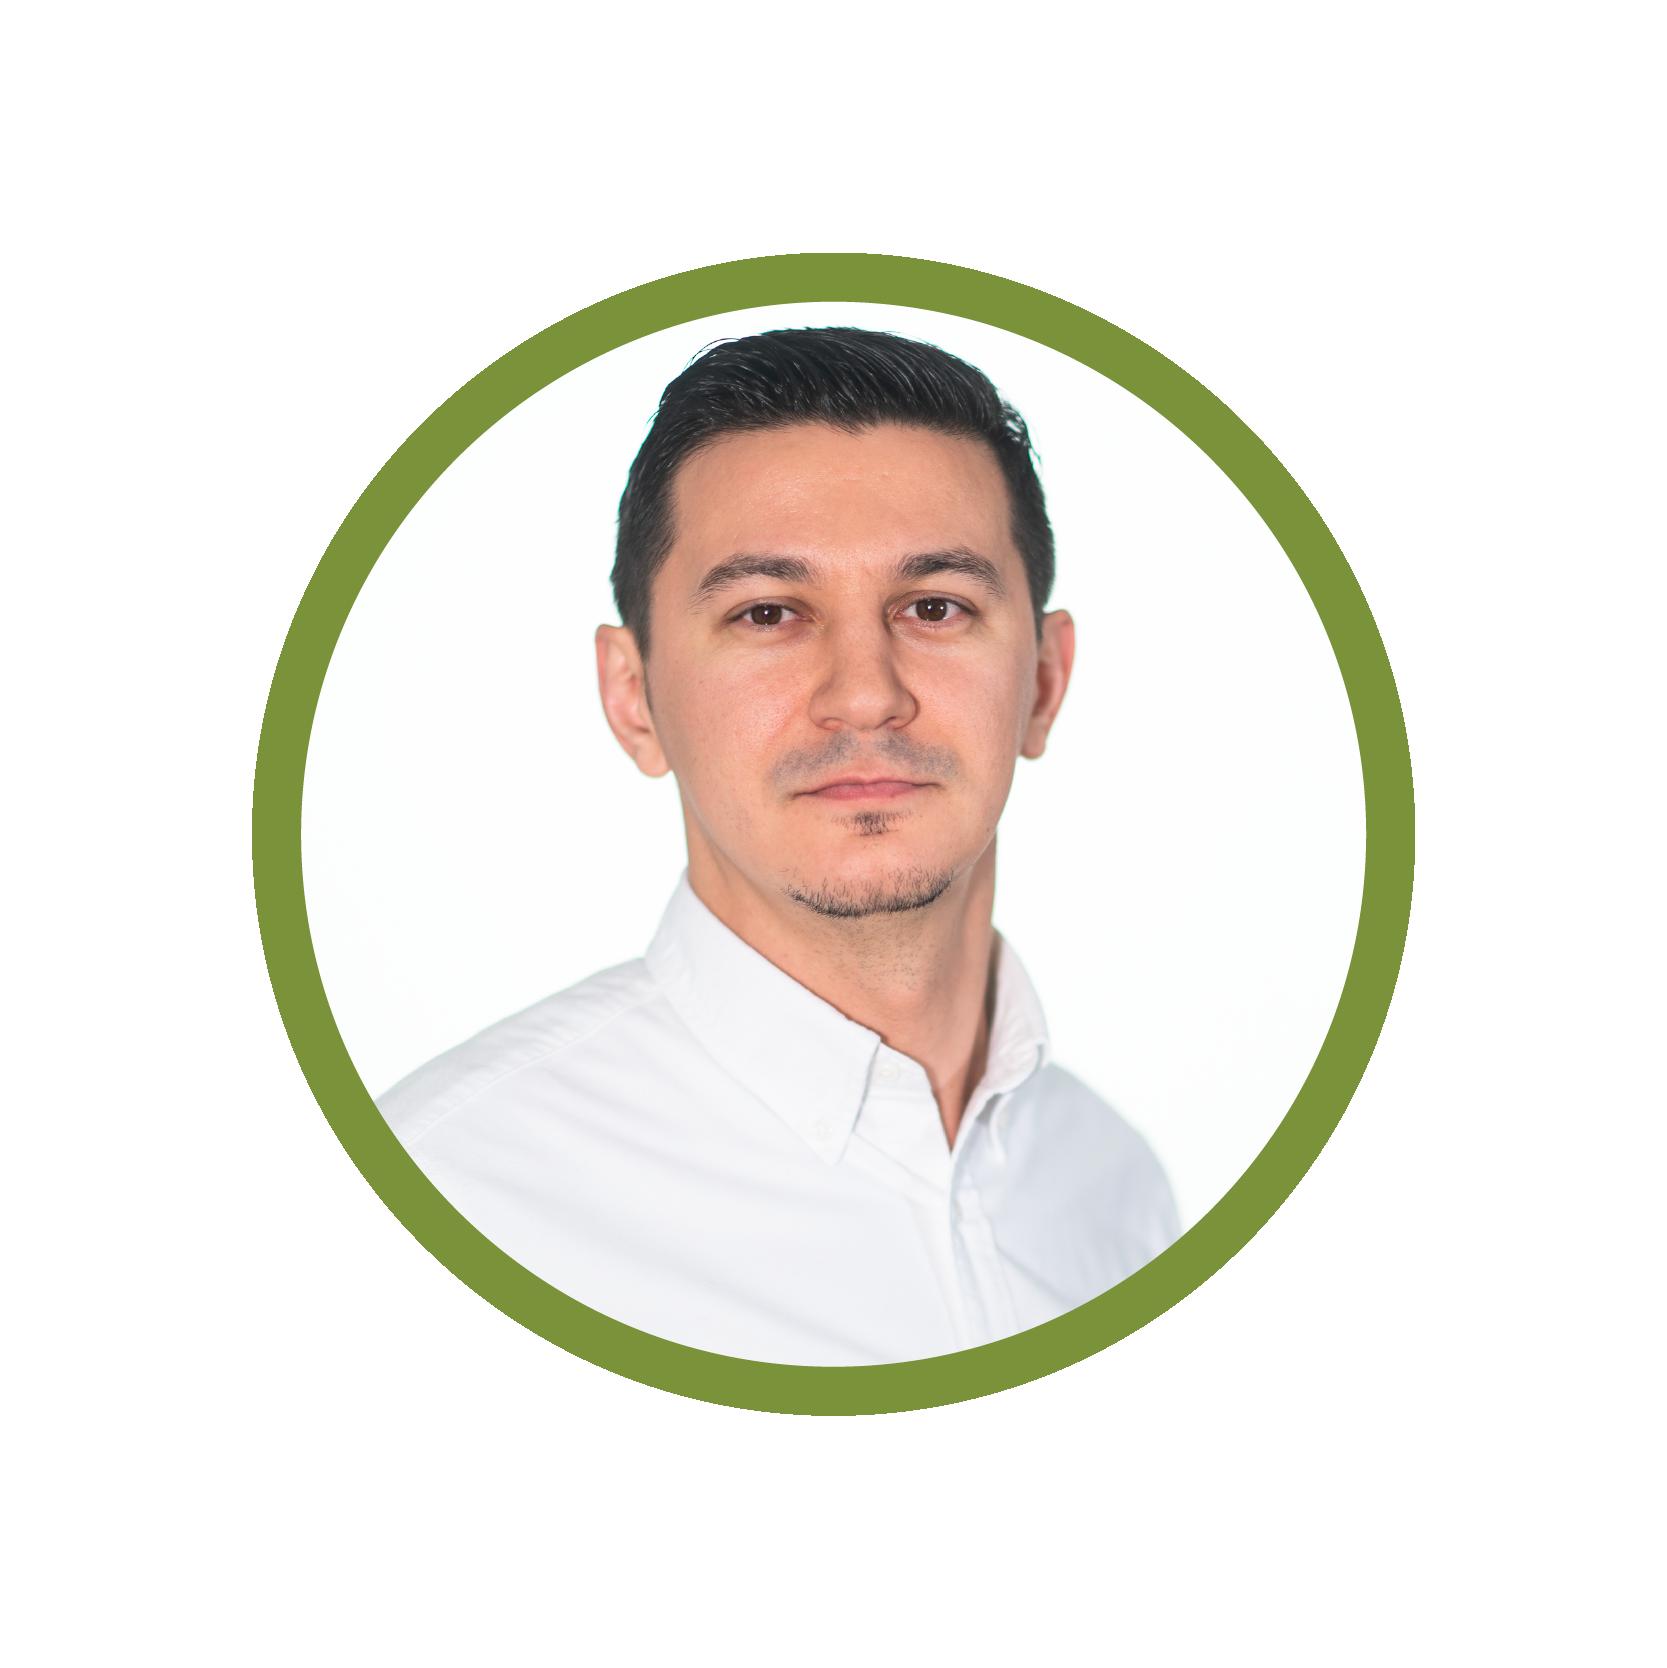 SDC_2019__Iulian Condrea.png